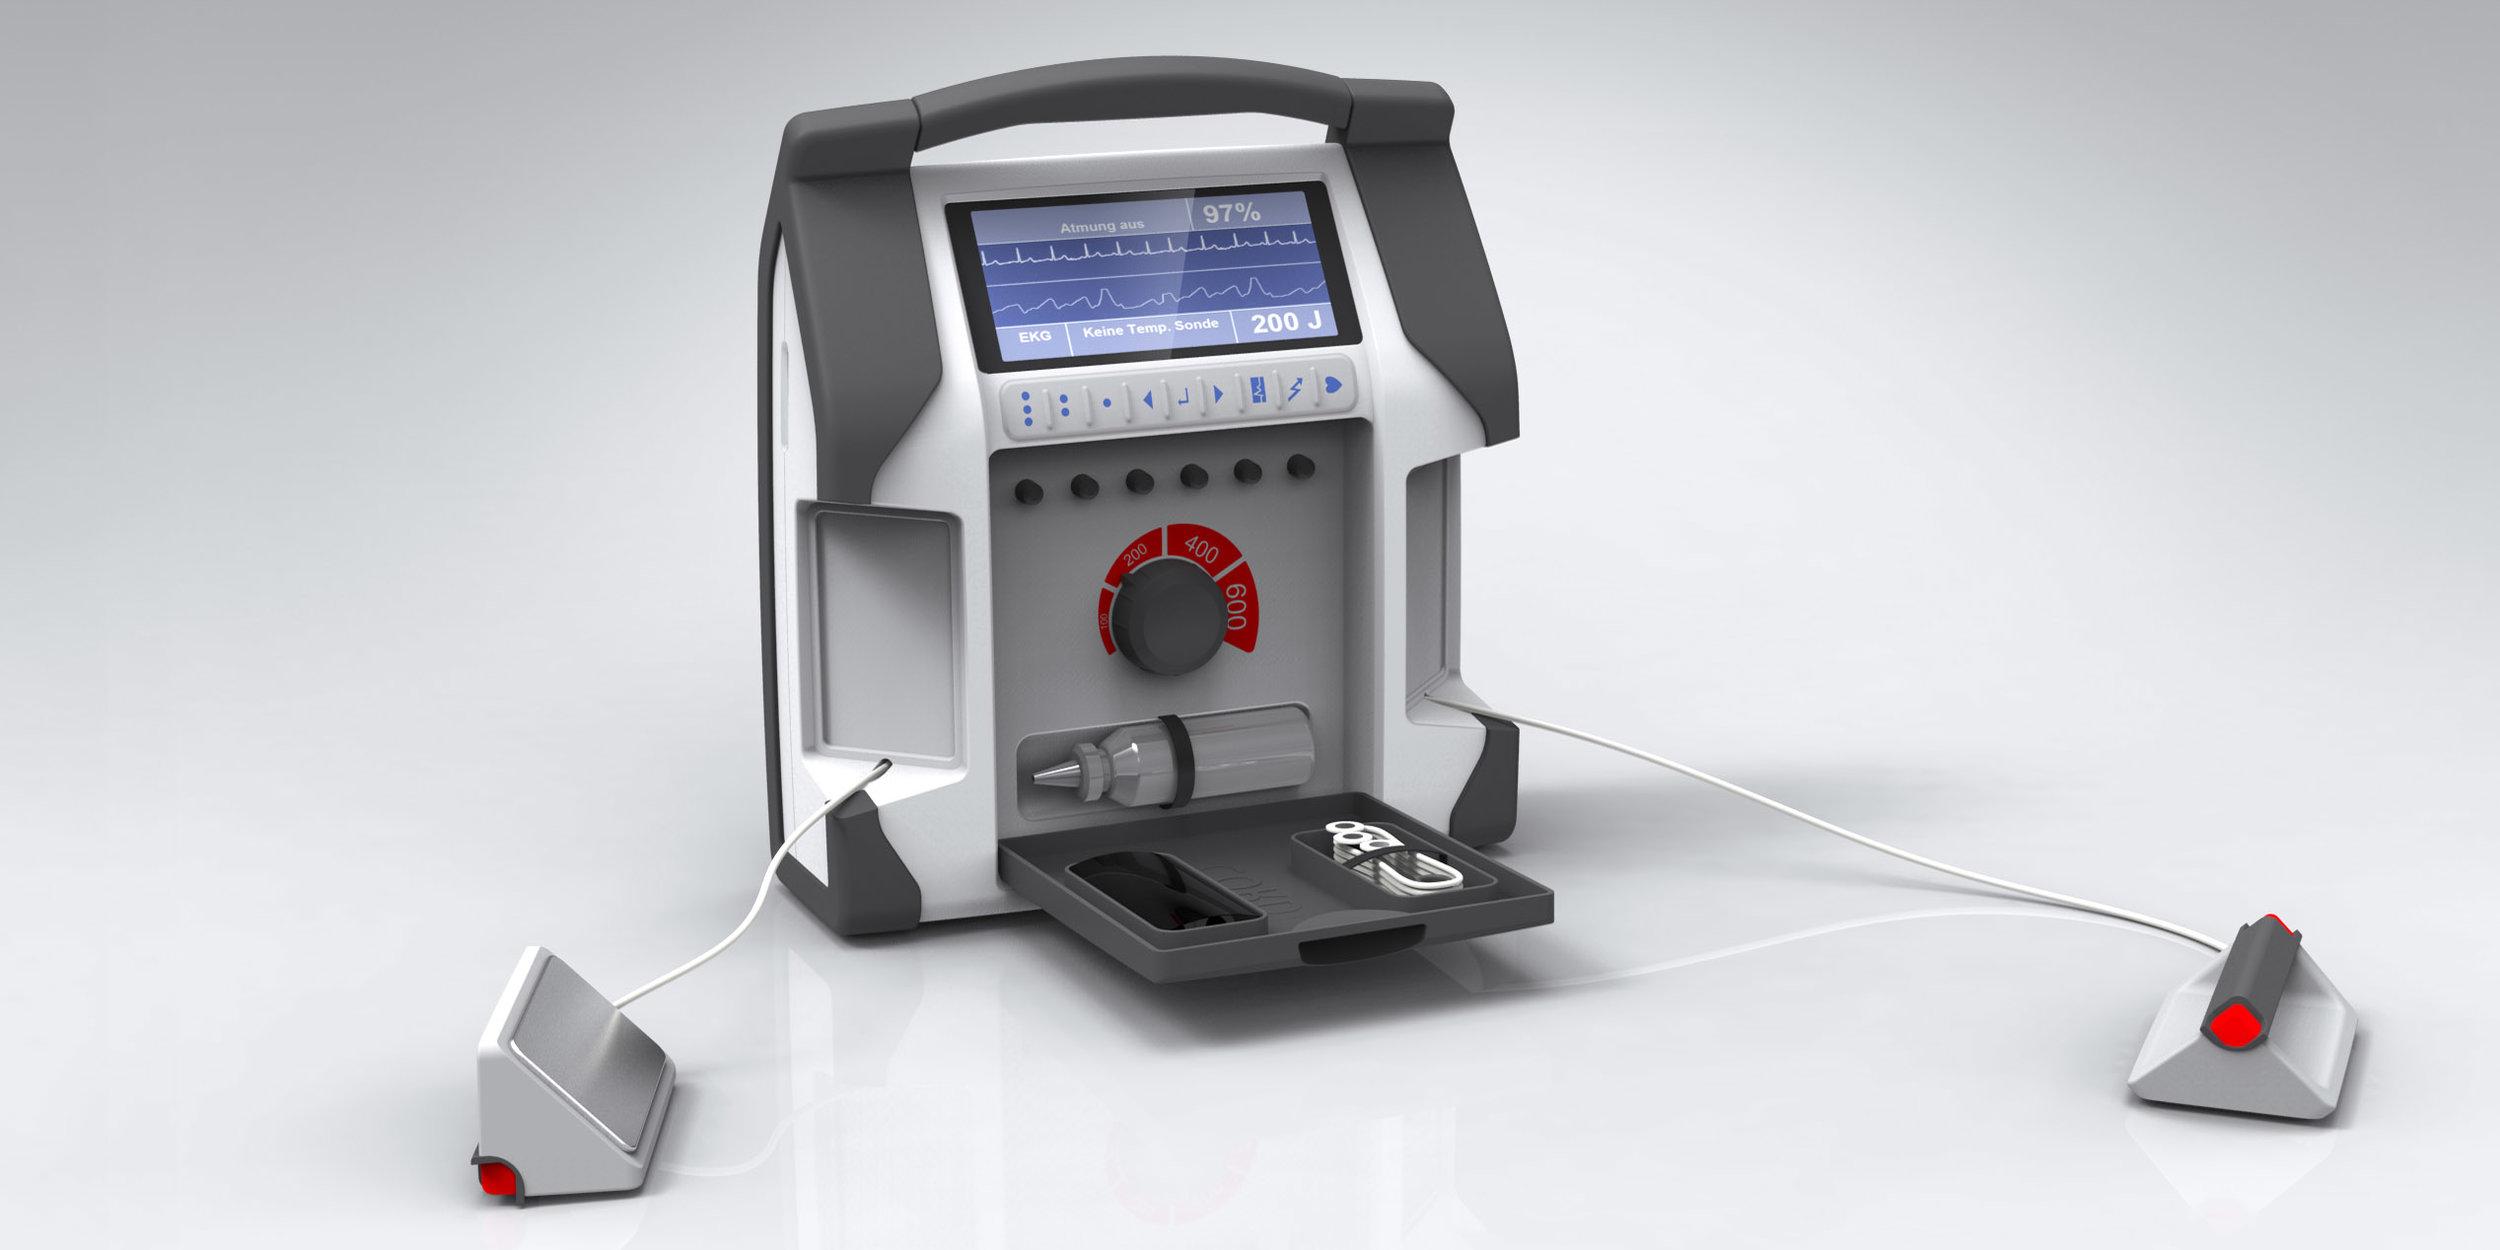 Hsd Studie Defibrilator 03.jpg